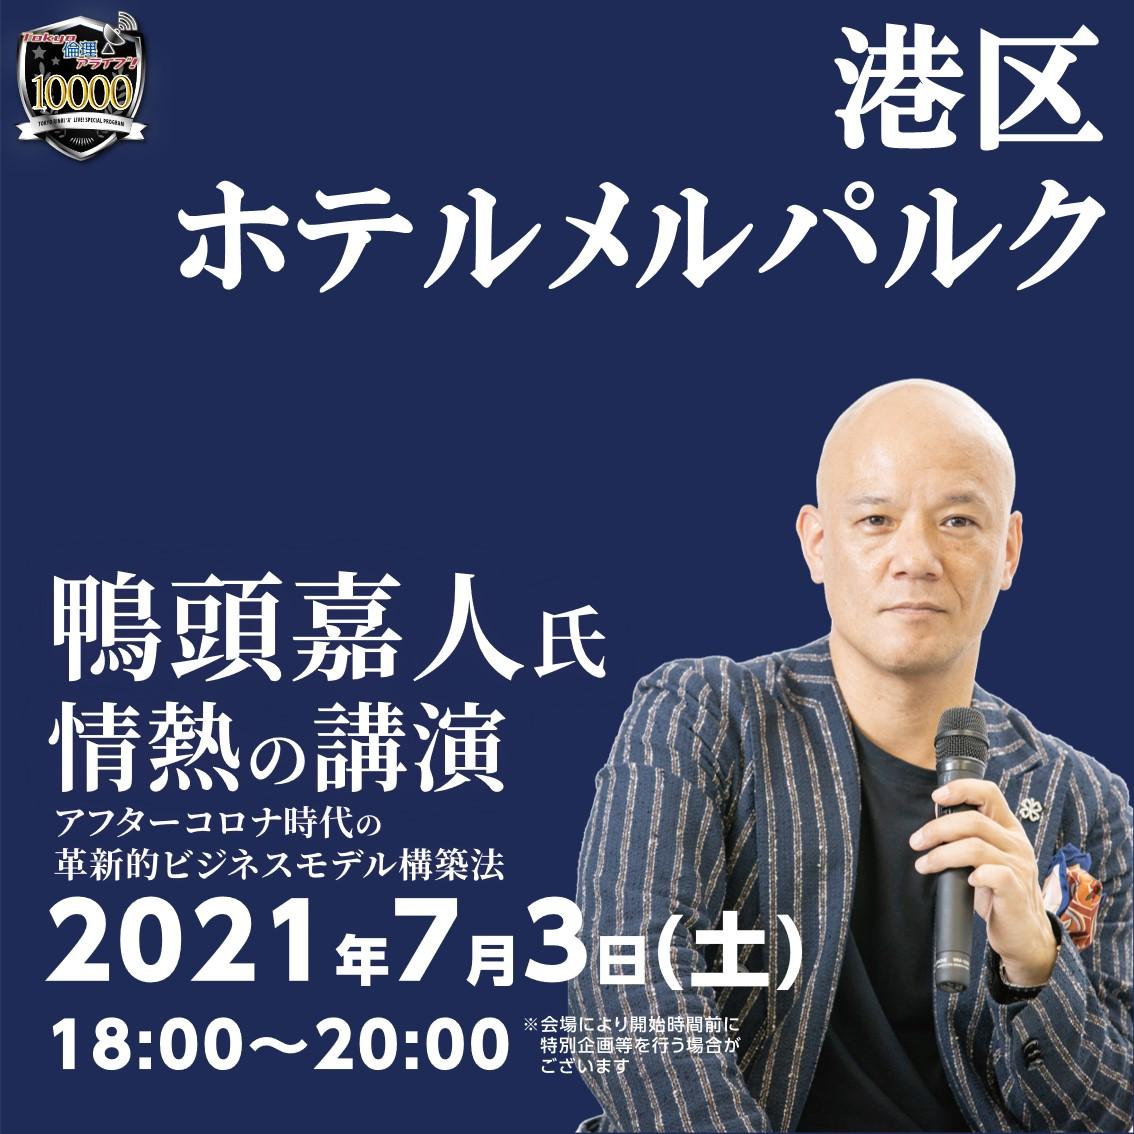 【港区】倫理アライブ10000サテライト会場【ホテルメルパルク】